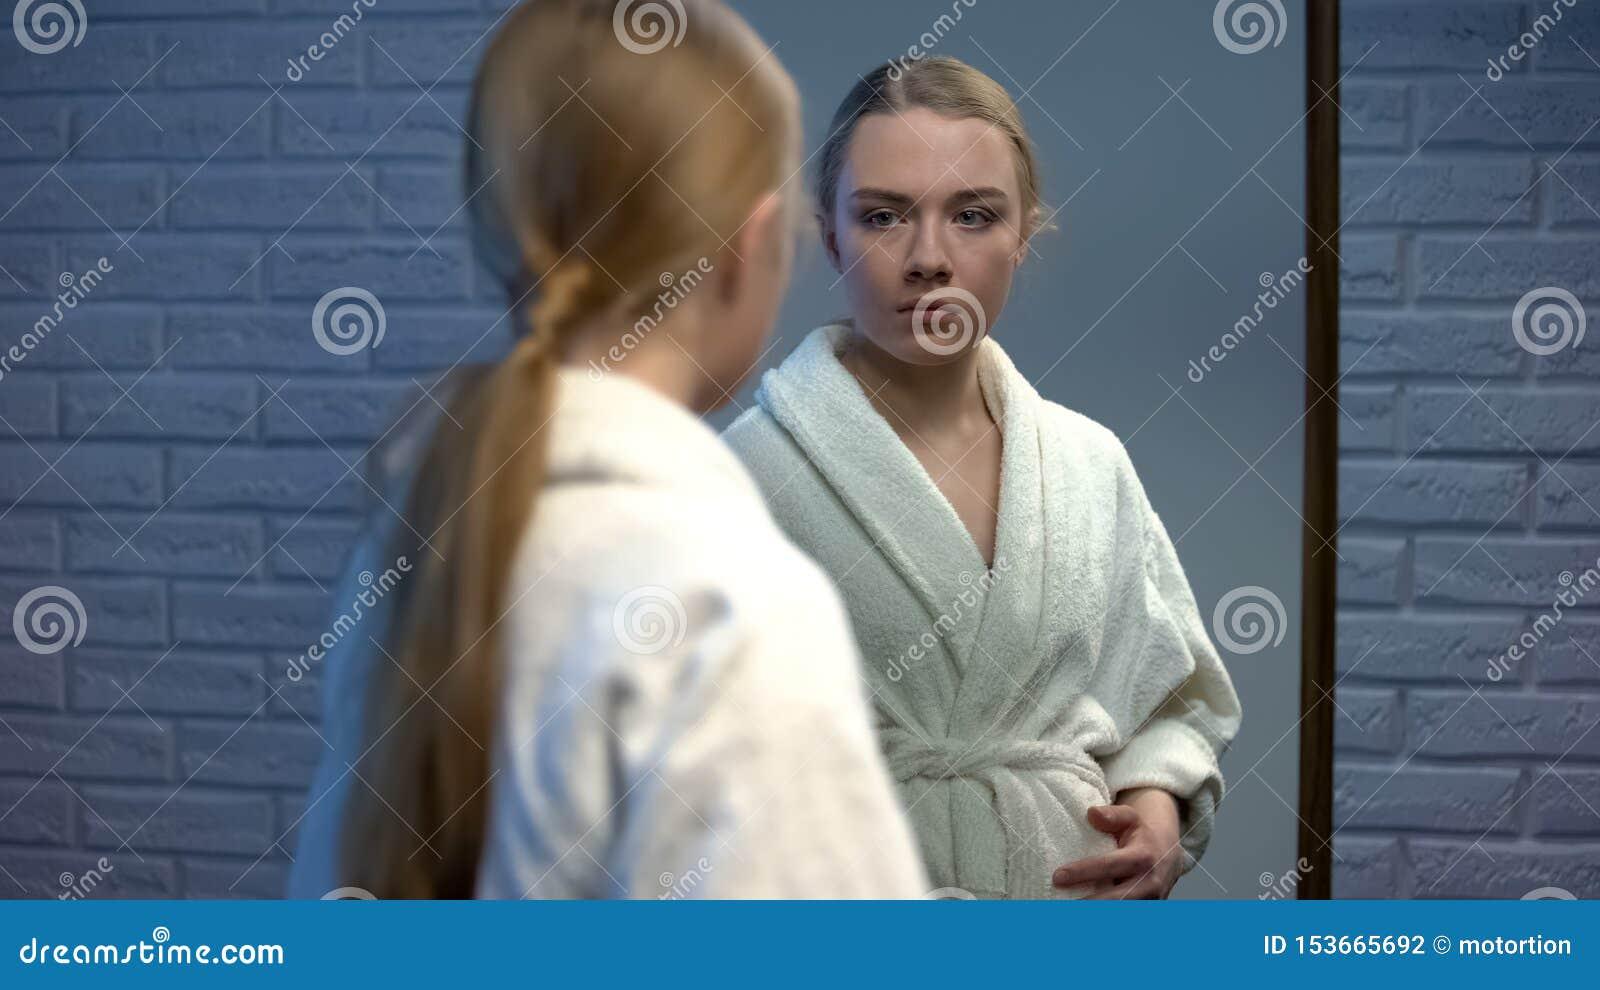 Adolescente effrayée tenant le ventre enceinte regardant dans le miroir, irresponsabilité